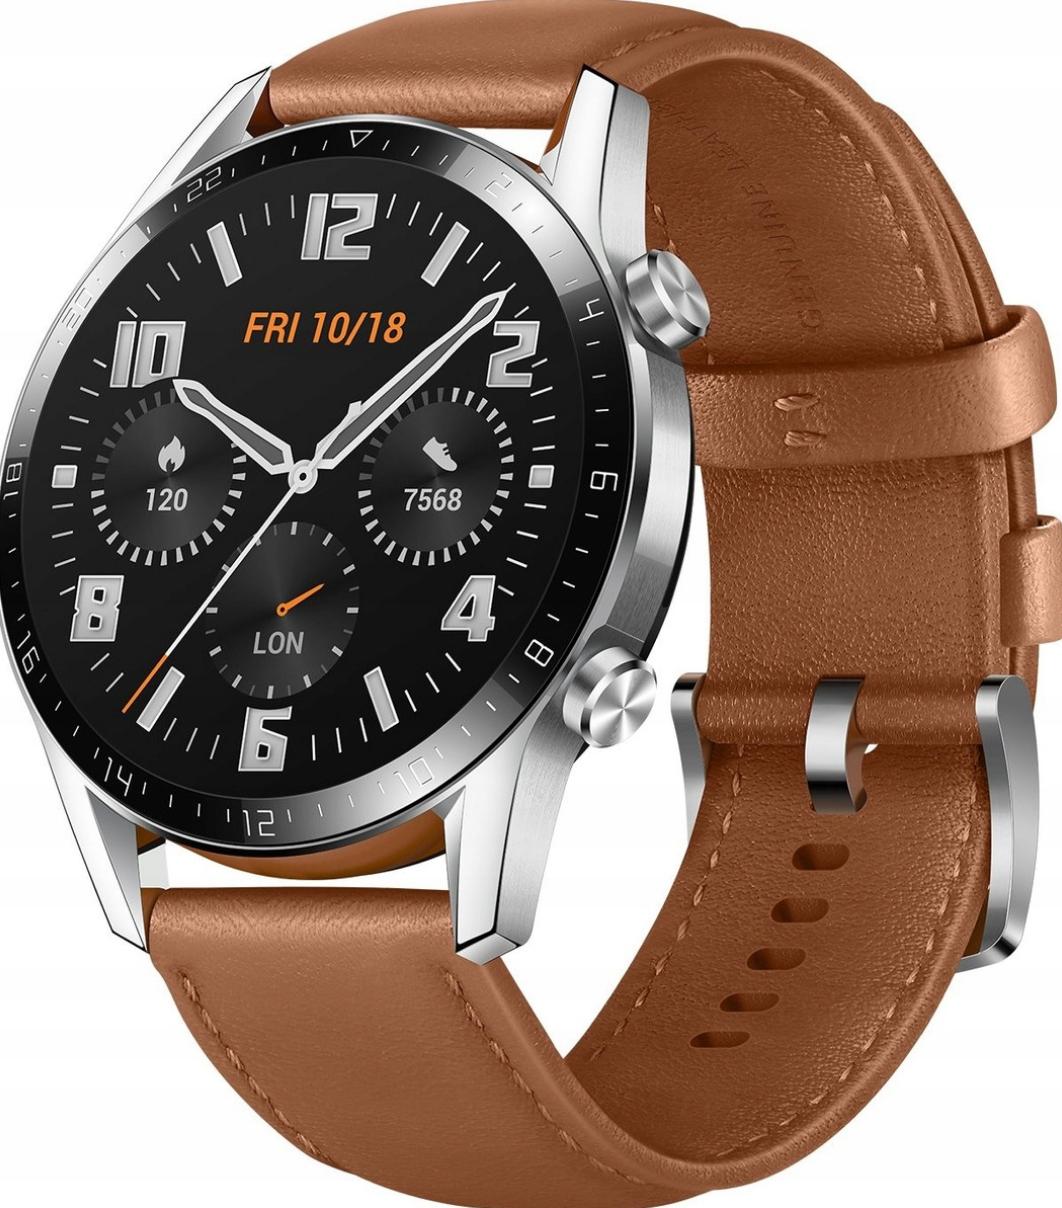 Huawei watch GT 2 Srebrny